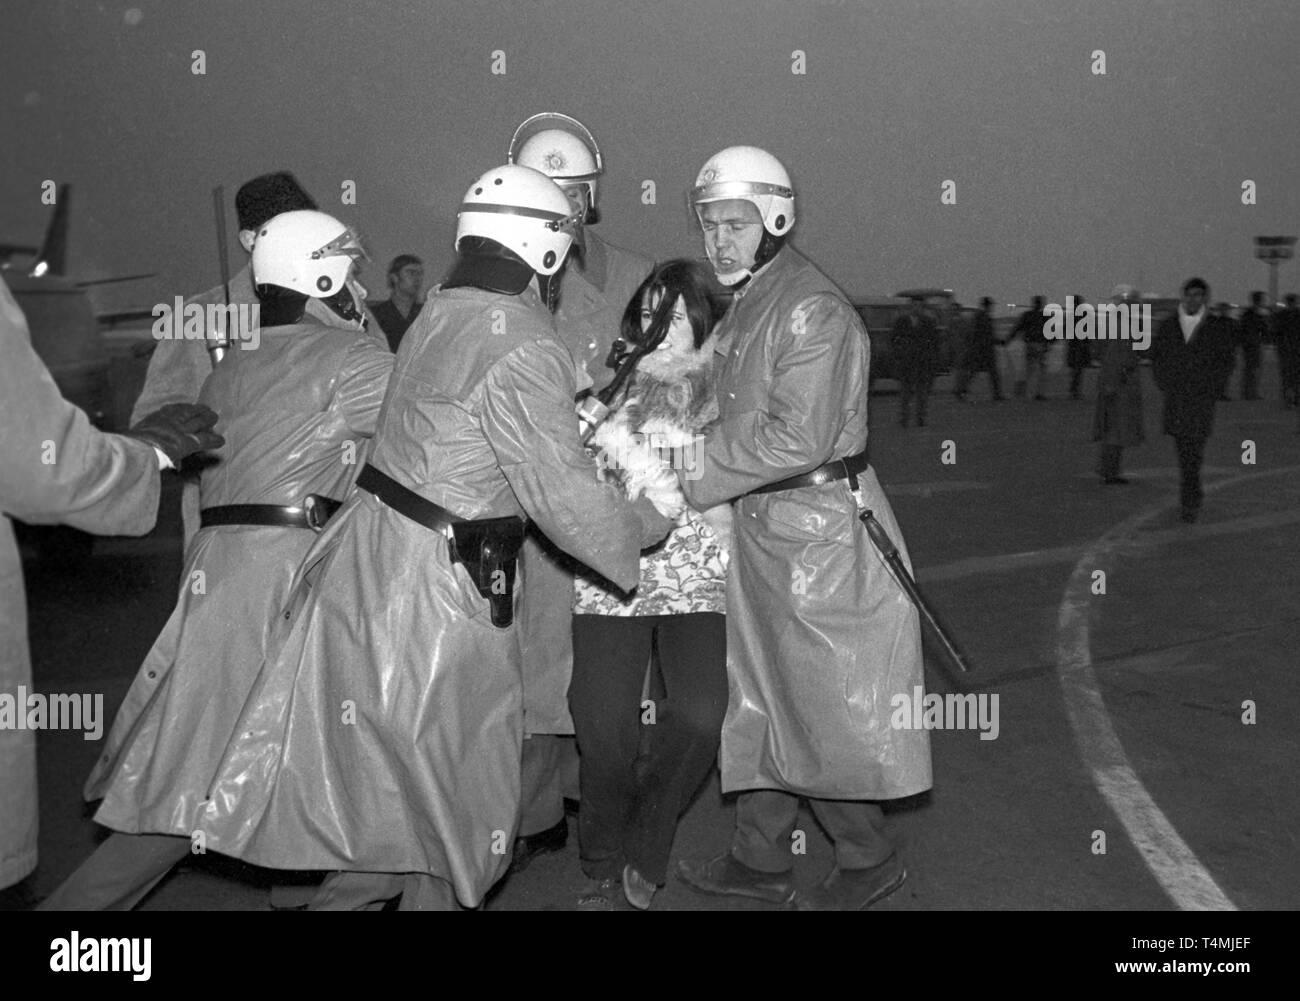 """Spingere Policement adolescenti dall'aeroporto grembiule. Leader studenteschi Daniel Cohn-Bendit e Karl Dietrich Wollf e un più ampio gruppo di adolescenti ha voluto accogliere Black Panther leader """"Big Man' all'aeroporto di Francoforte sul Meno il 13 dicembre 1969. Gli adolescenti che hanno reso al piazzale dell'aeroporto, erano circondate dalla polizia e spinto indietro all'aeroporto edificio, 18 persone sono state temporaneamente arrestato a causa di una rissa. Grande uomo era stato inviato a Parigi nel frattempo a causa di un divieto d'ingresso.   Utilizzo di tutto il mondo Foto Stock"""